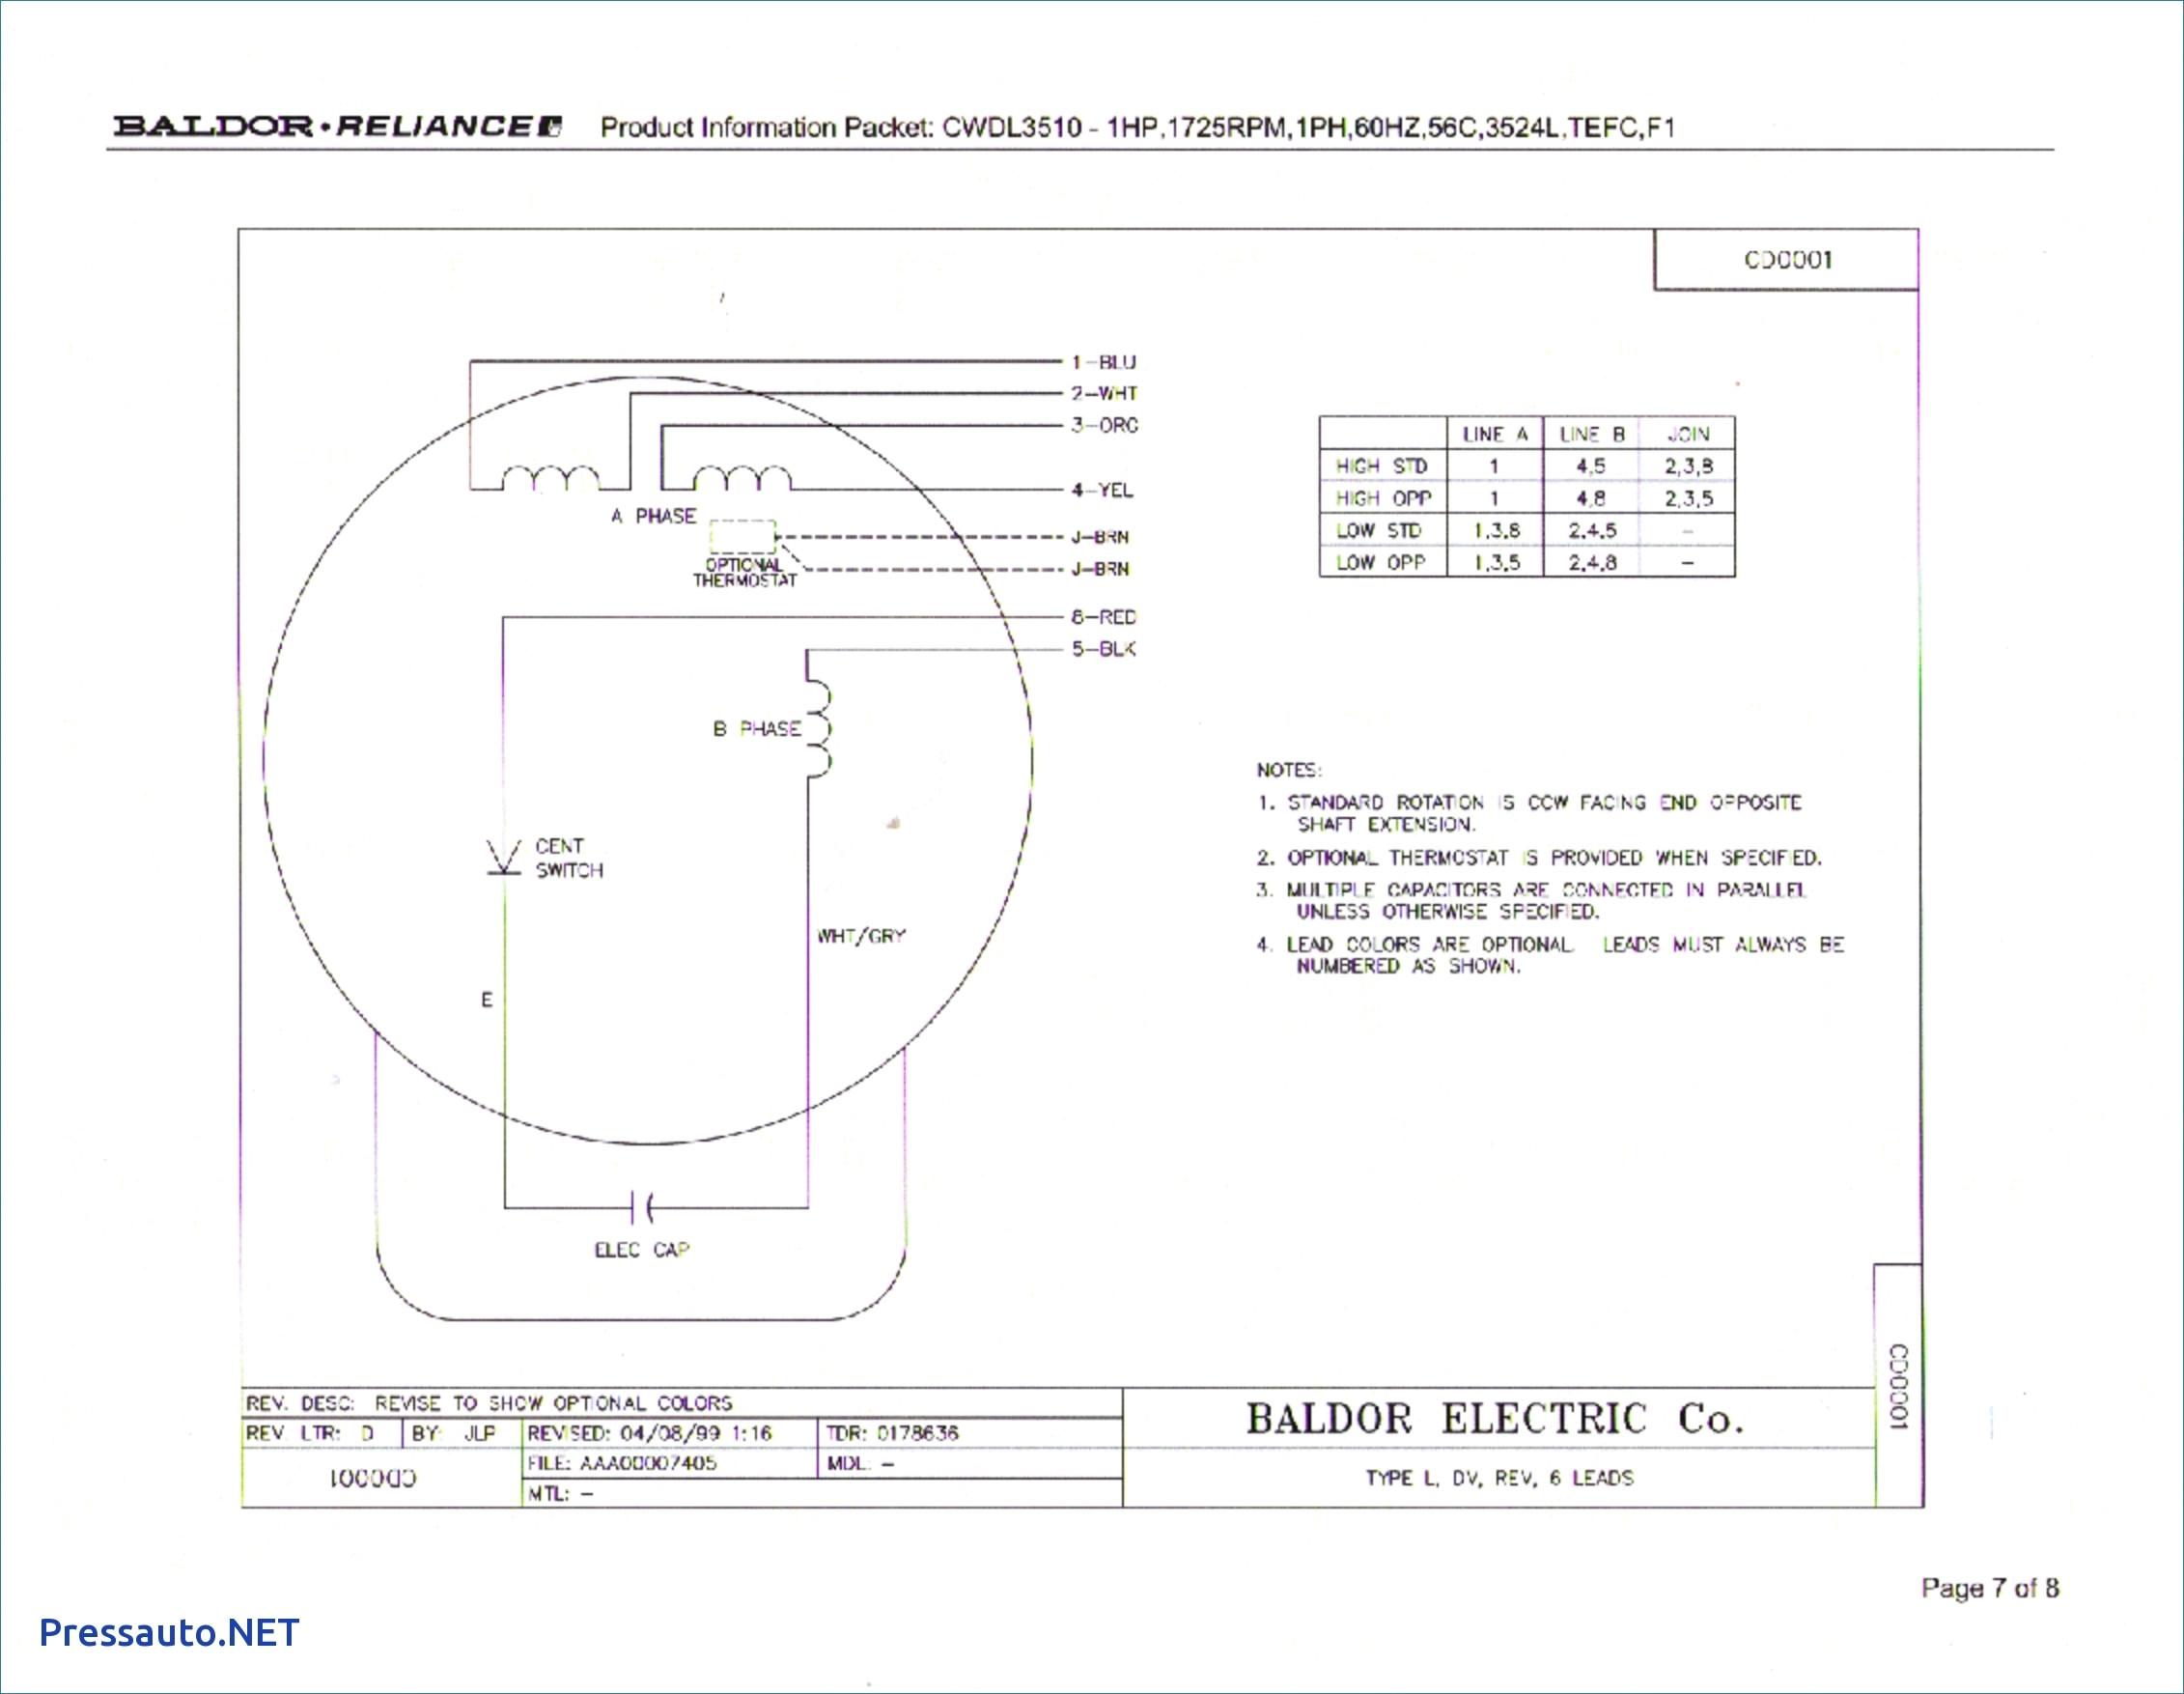 ac fan motor capacitor wiring diagram baldor l1512t motor capacitor wiring diagram